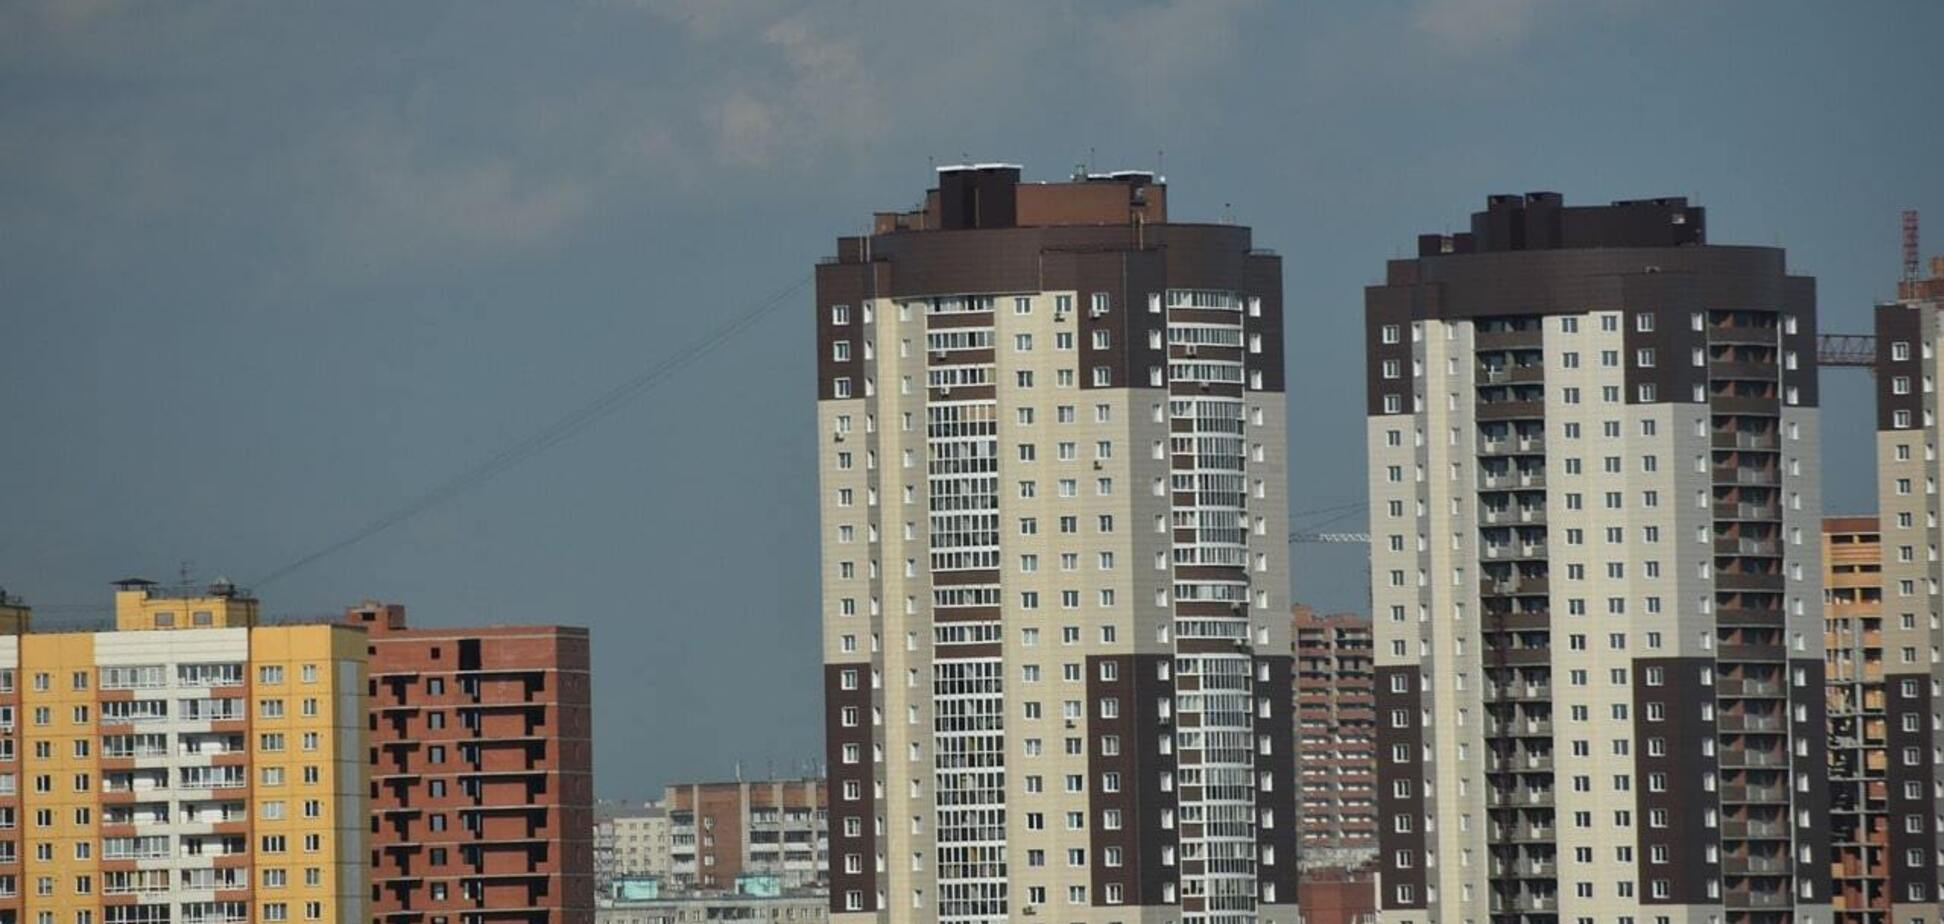 Ціни на квартири в Україні продемонстрували впевнене зростання